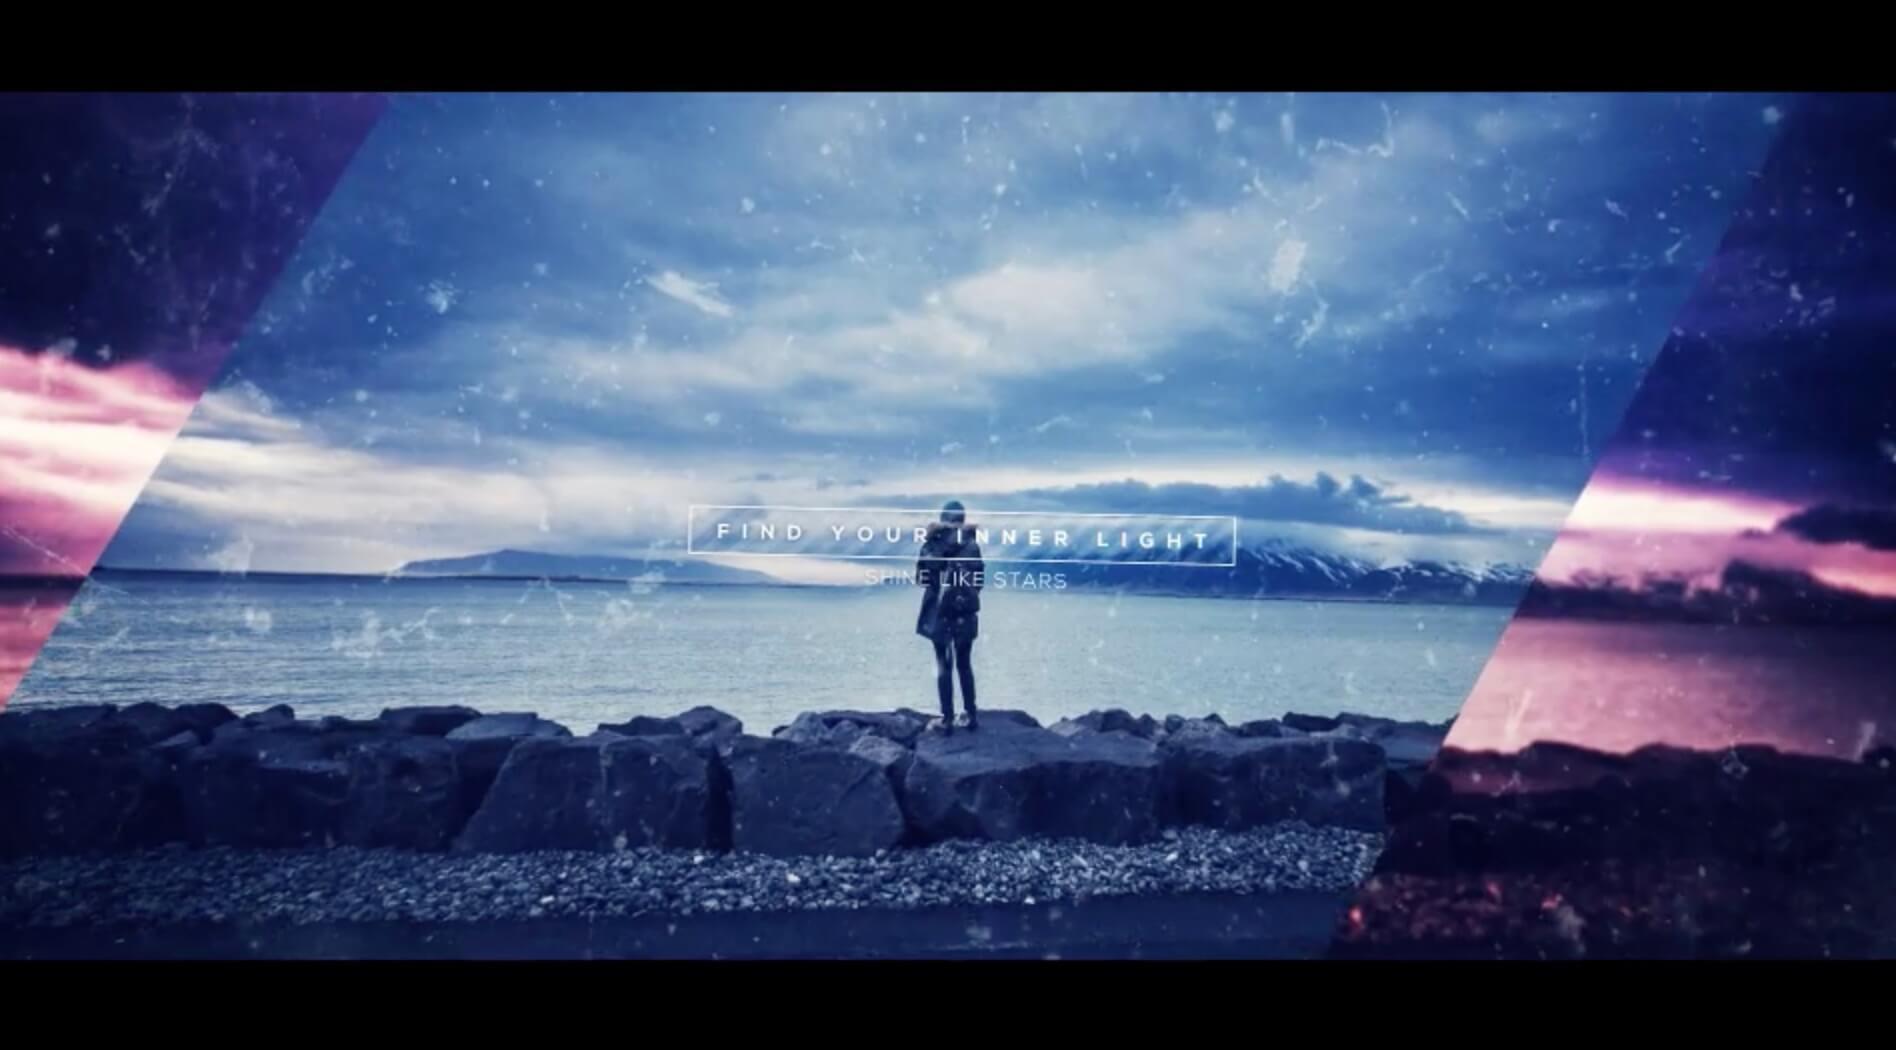 AE模板-神秘电影预告图片展示插图